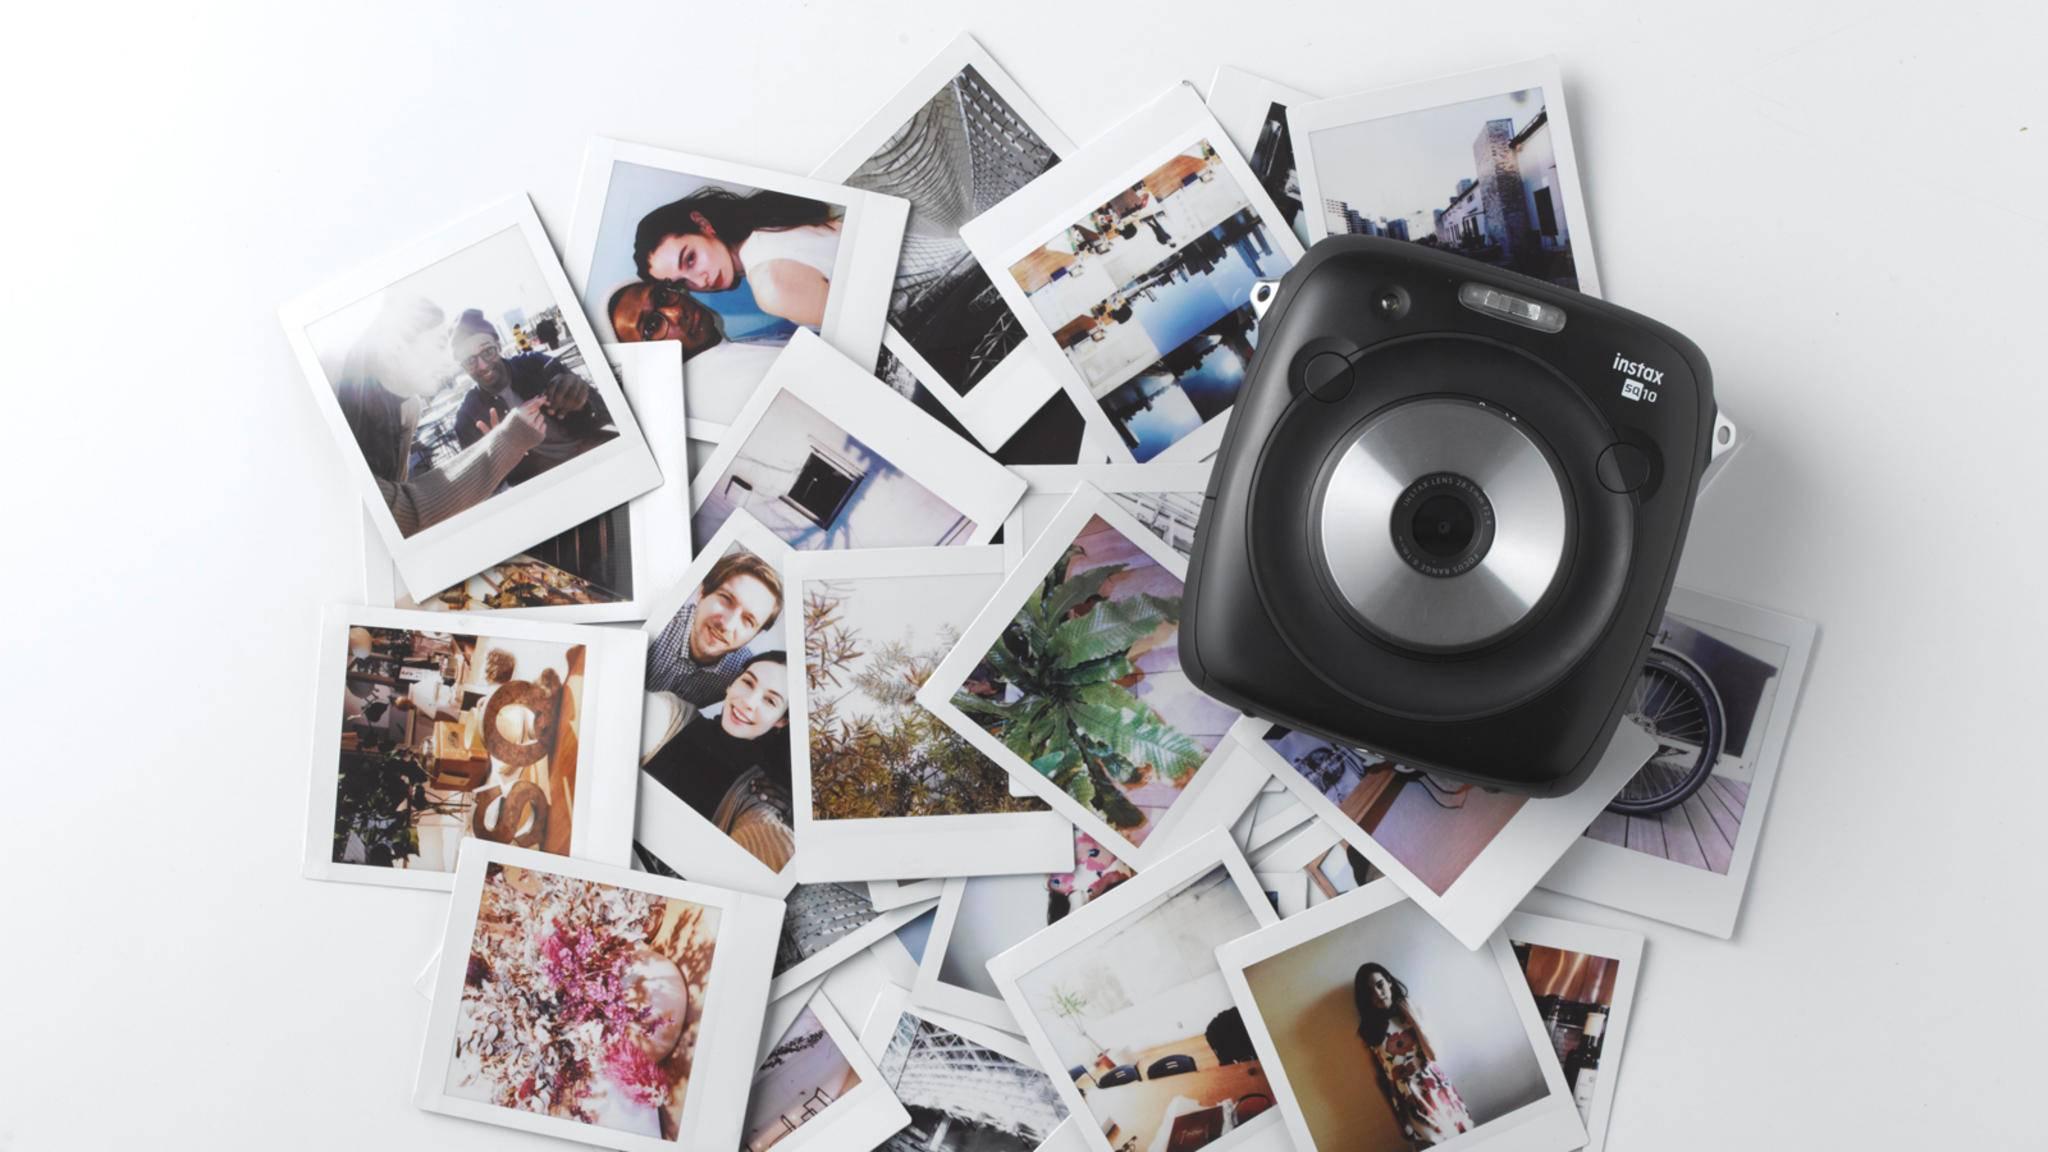 Die neue Fujifilm Instax Square SQ10 soll für perfekte Sofortbildaufnahmen sorgen.